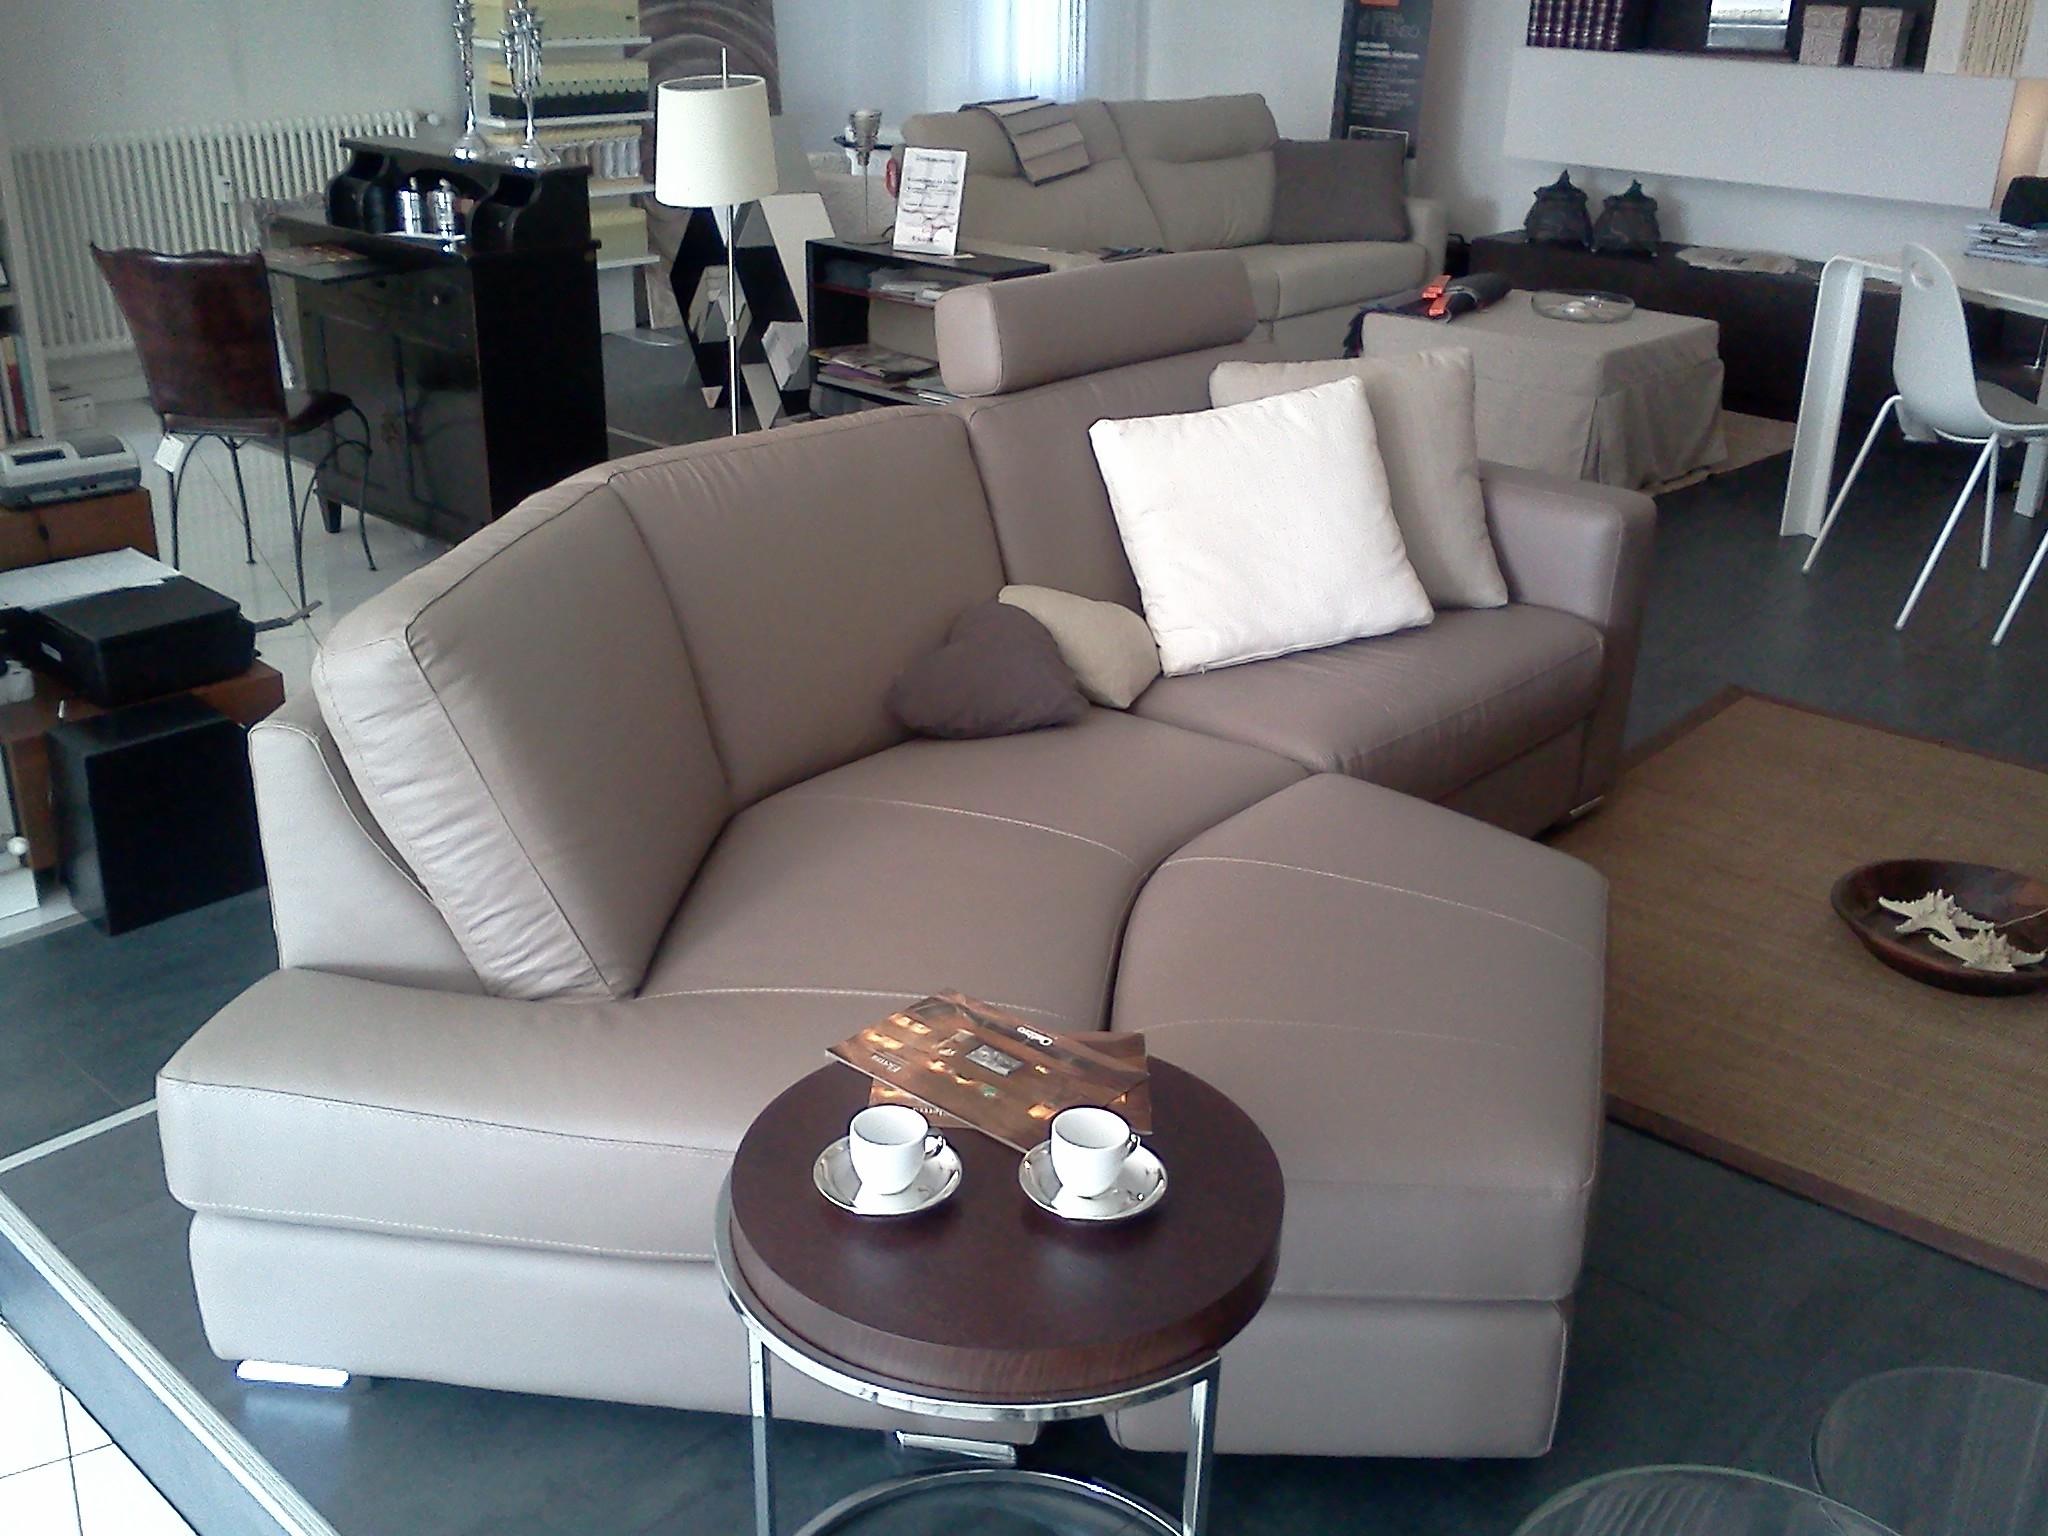 Quanto costa rivestire un divano casamia idea di immagine for Rivestire divano pelle